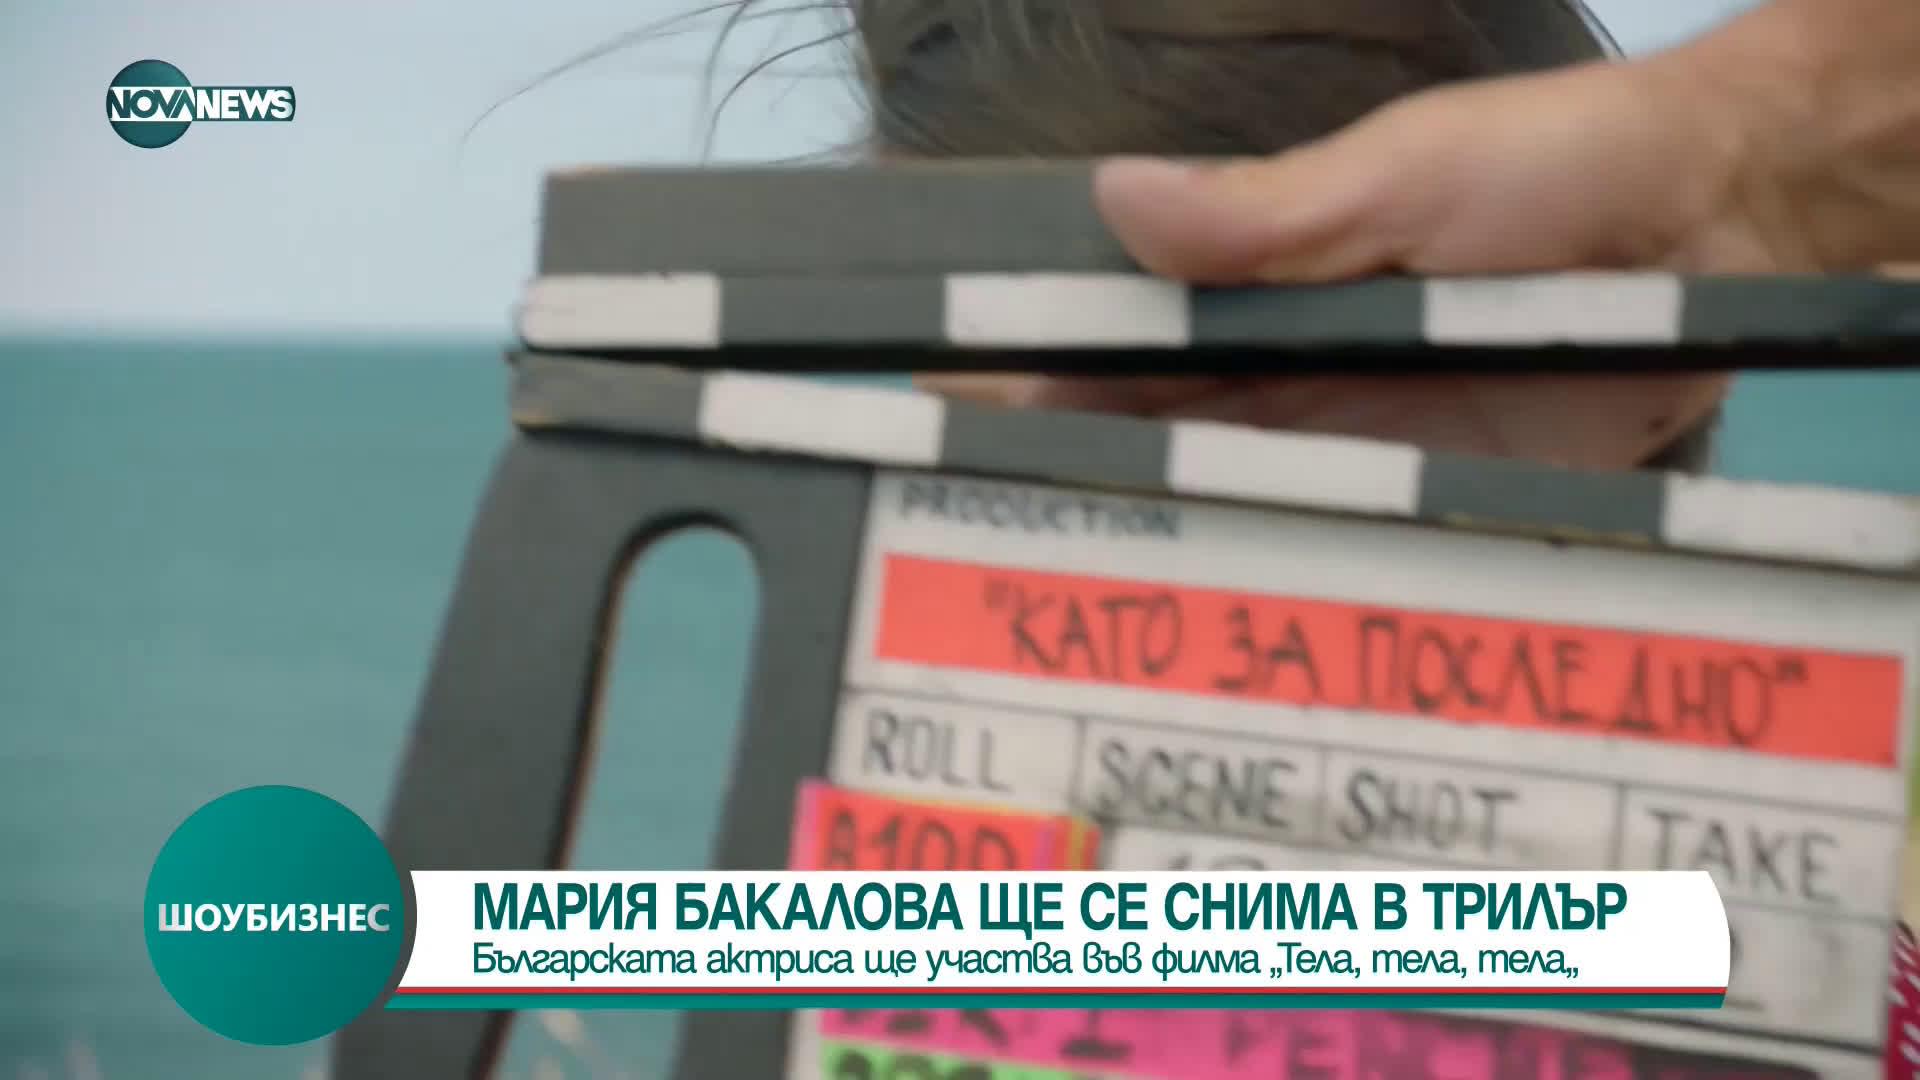 Мария Бакалова ще се снима в трилър